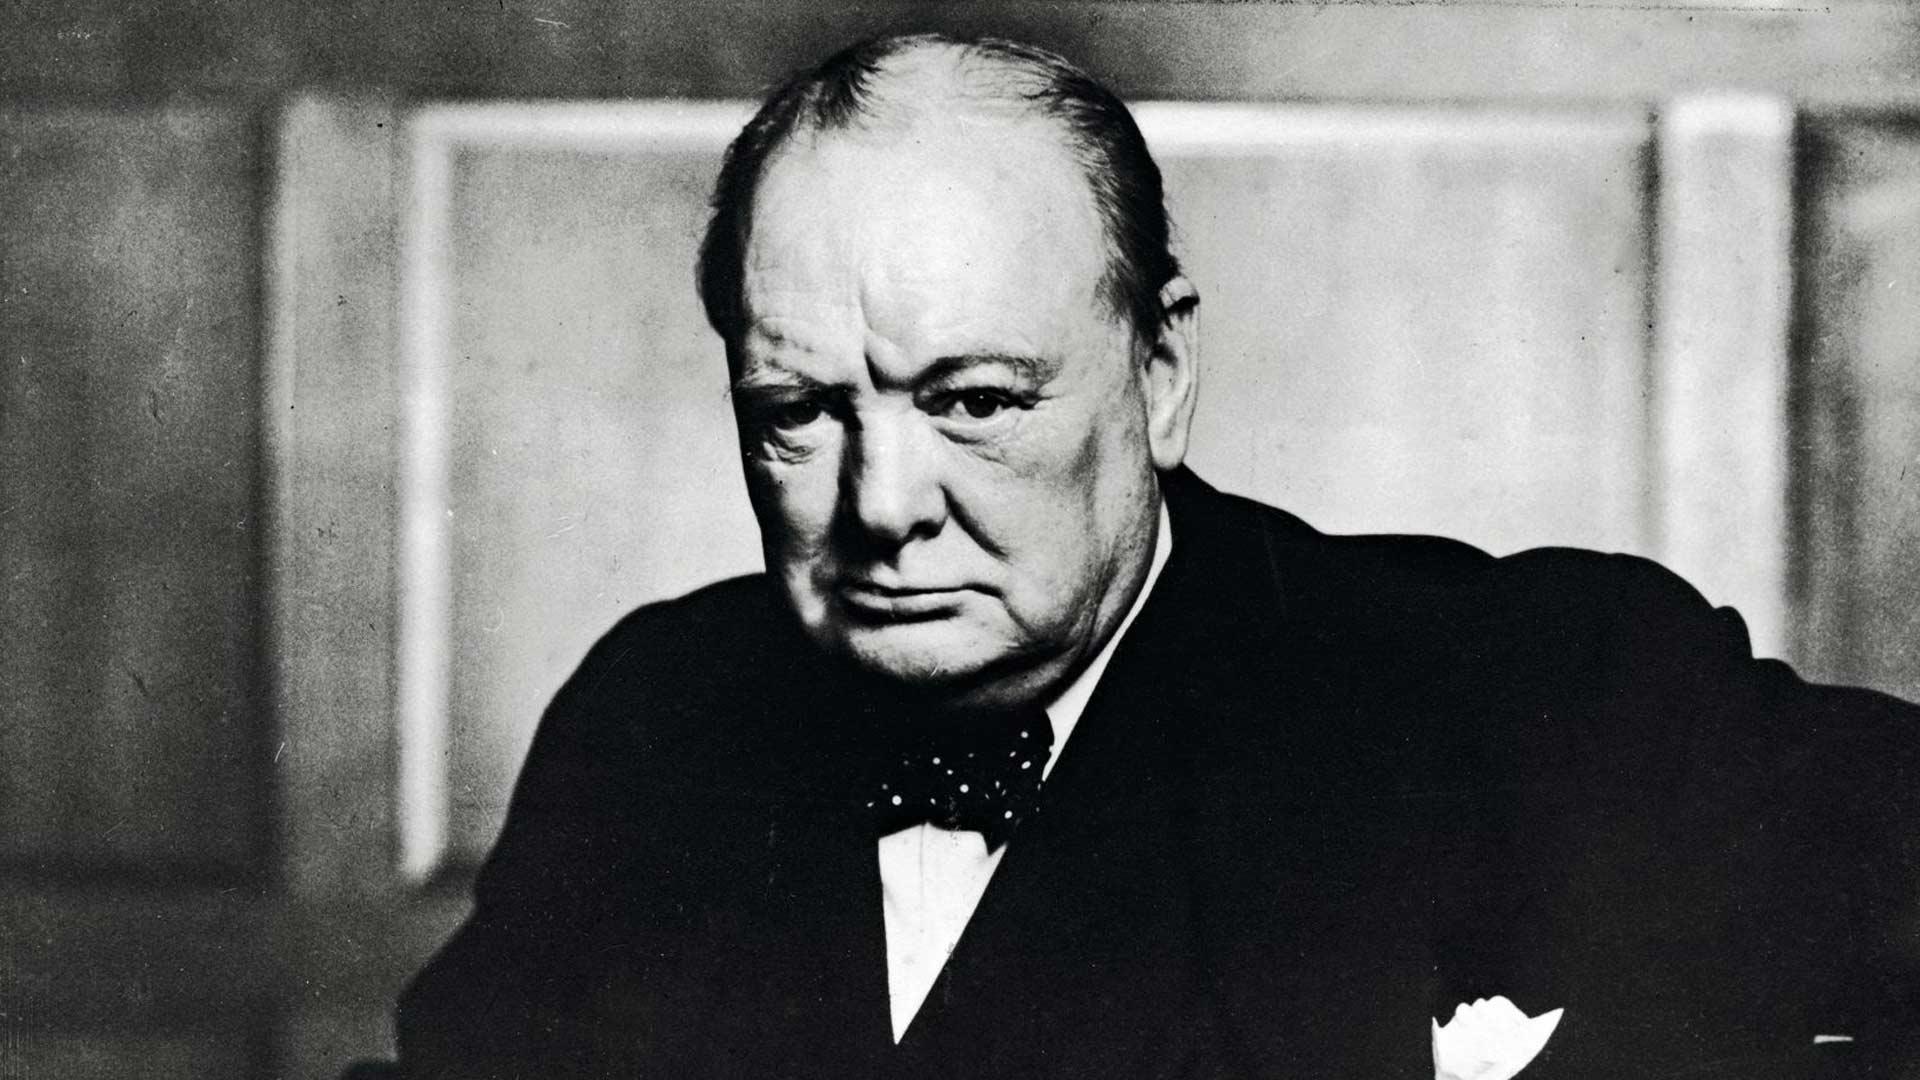 Winston Churchill vei Britannian sodan voittajaksi, mutta hävisi itse heti ensimmäisissä vaaleissa 1945. Britit tiesivät hänen olevan hyvä kriisijohtaja, mutta samalla aatteiltaan jo menneen ajan ihminen.